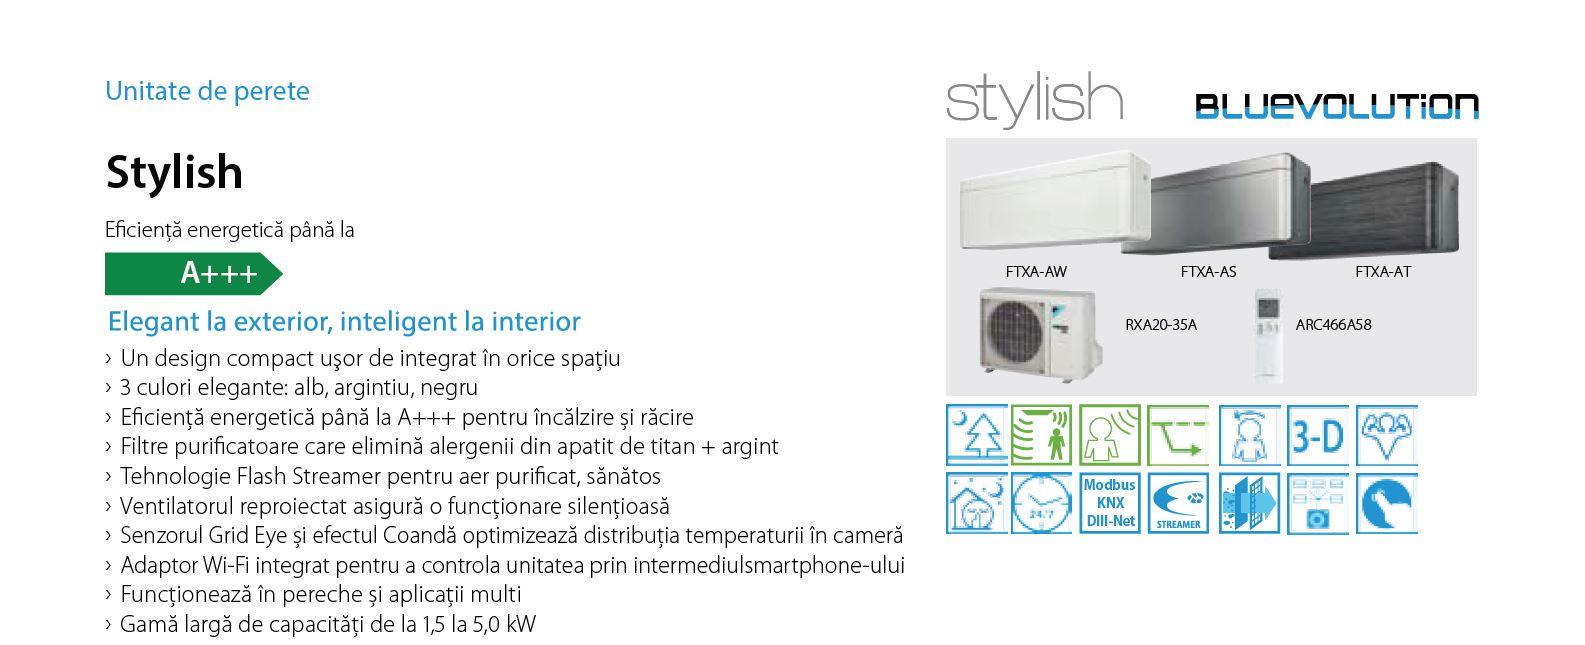 Aer conditionat Daikin Stylish Bluevolution FTXA42AW-RXA42A Inverter 14000 BTU White 15